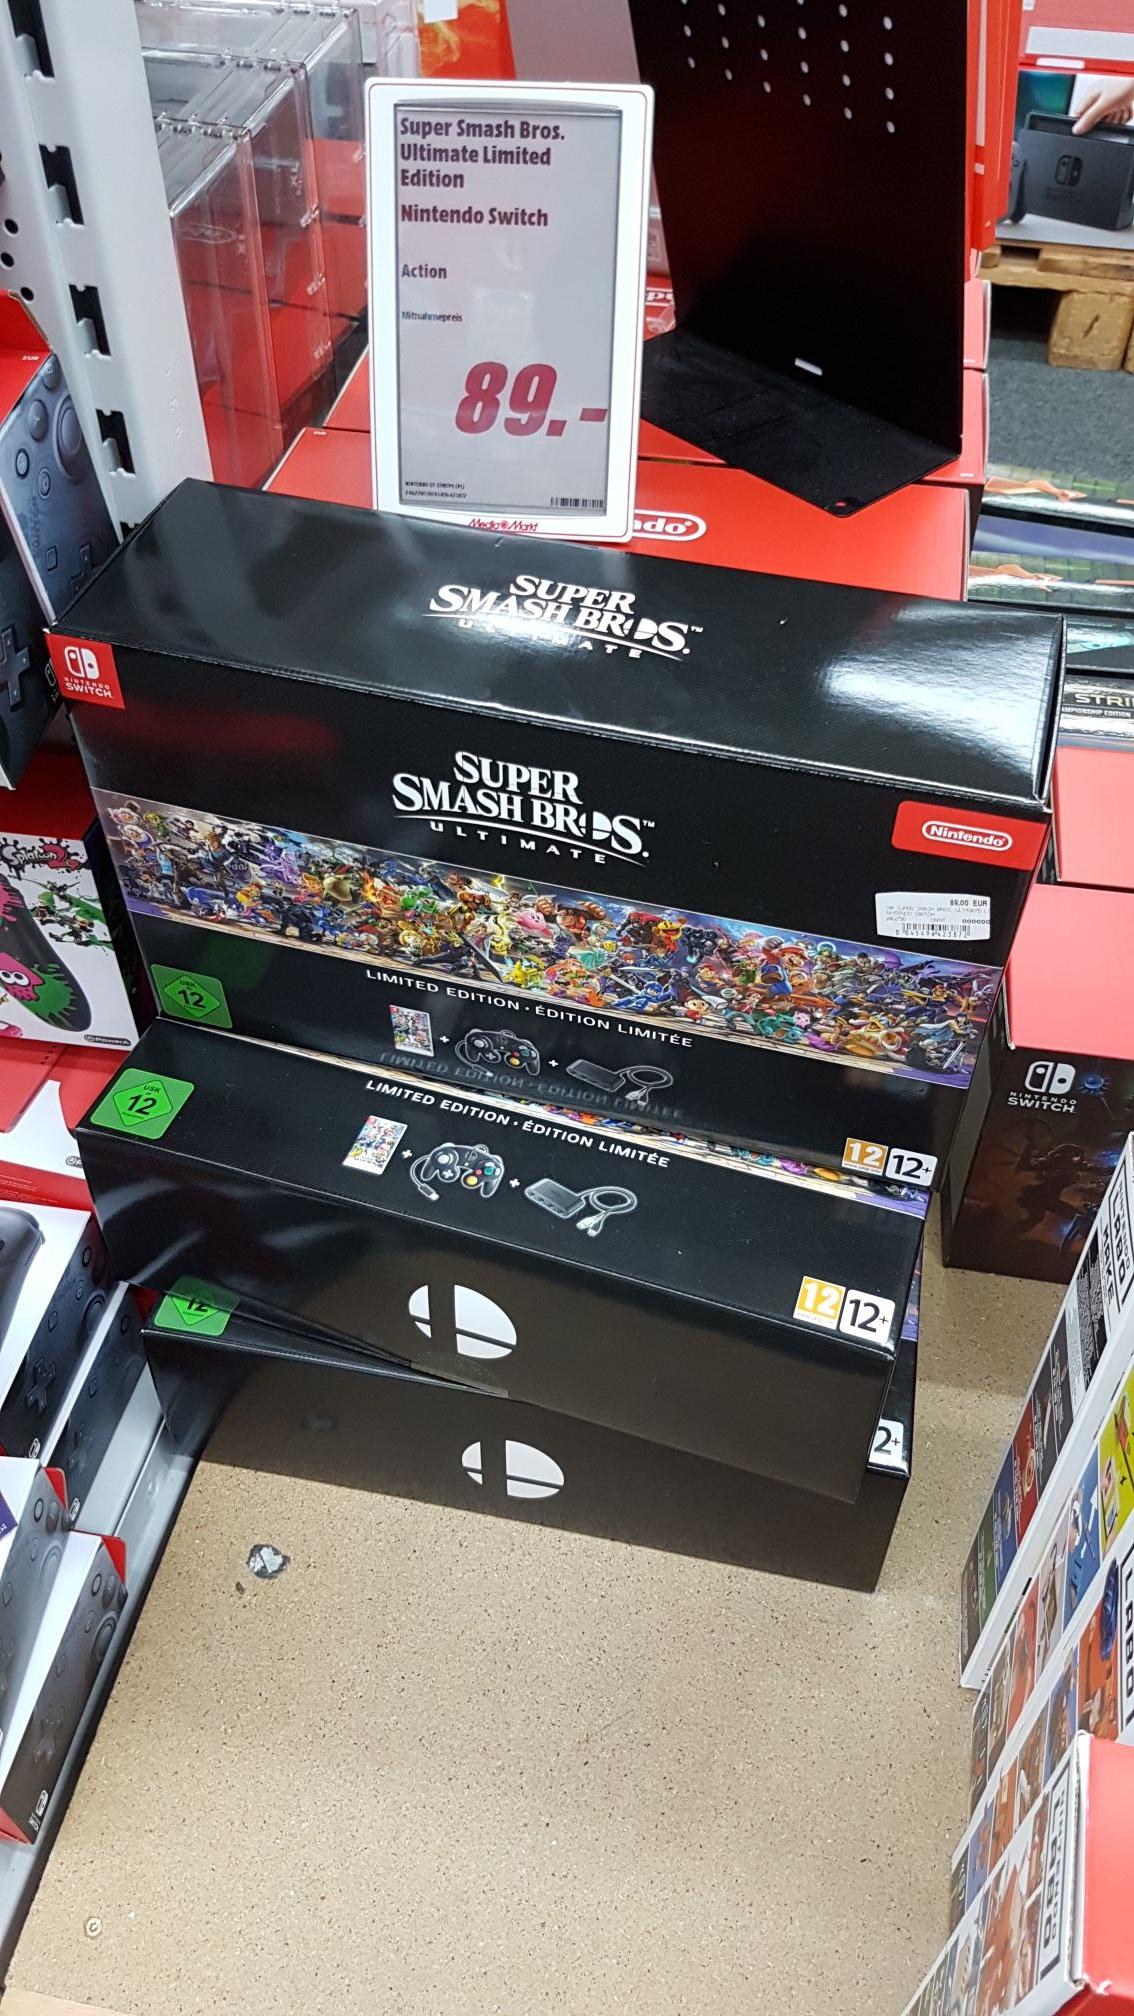 [Lokal Essen] MediaMarkt Super Smash Bros Ultimate Limited Edition - Nintendo Switch - für 89€